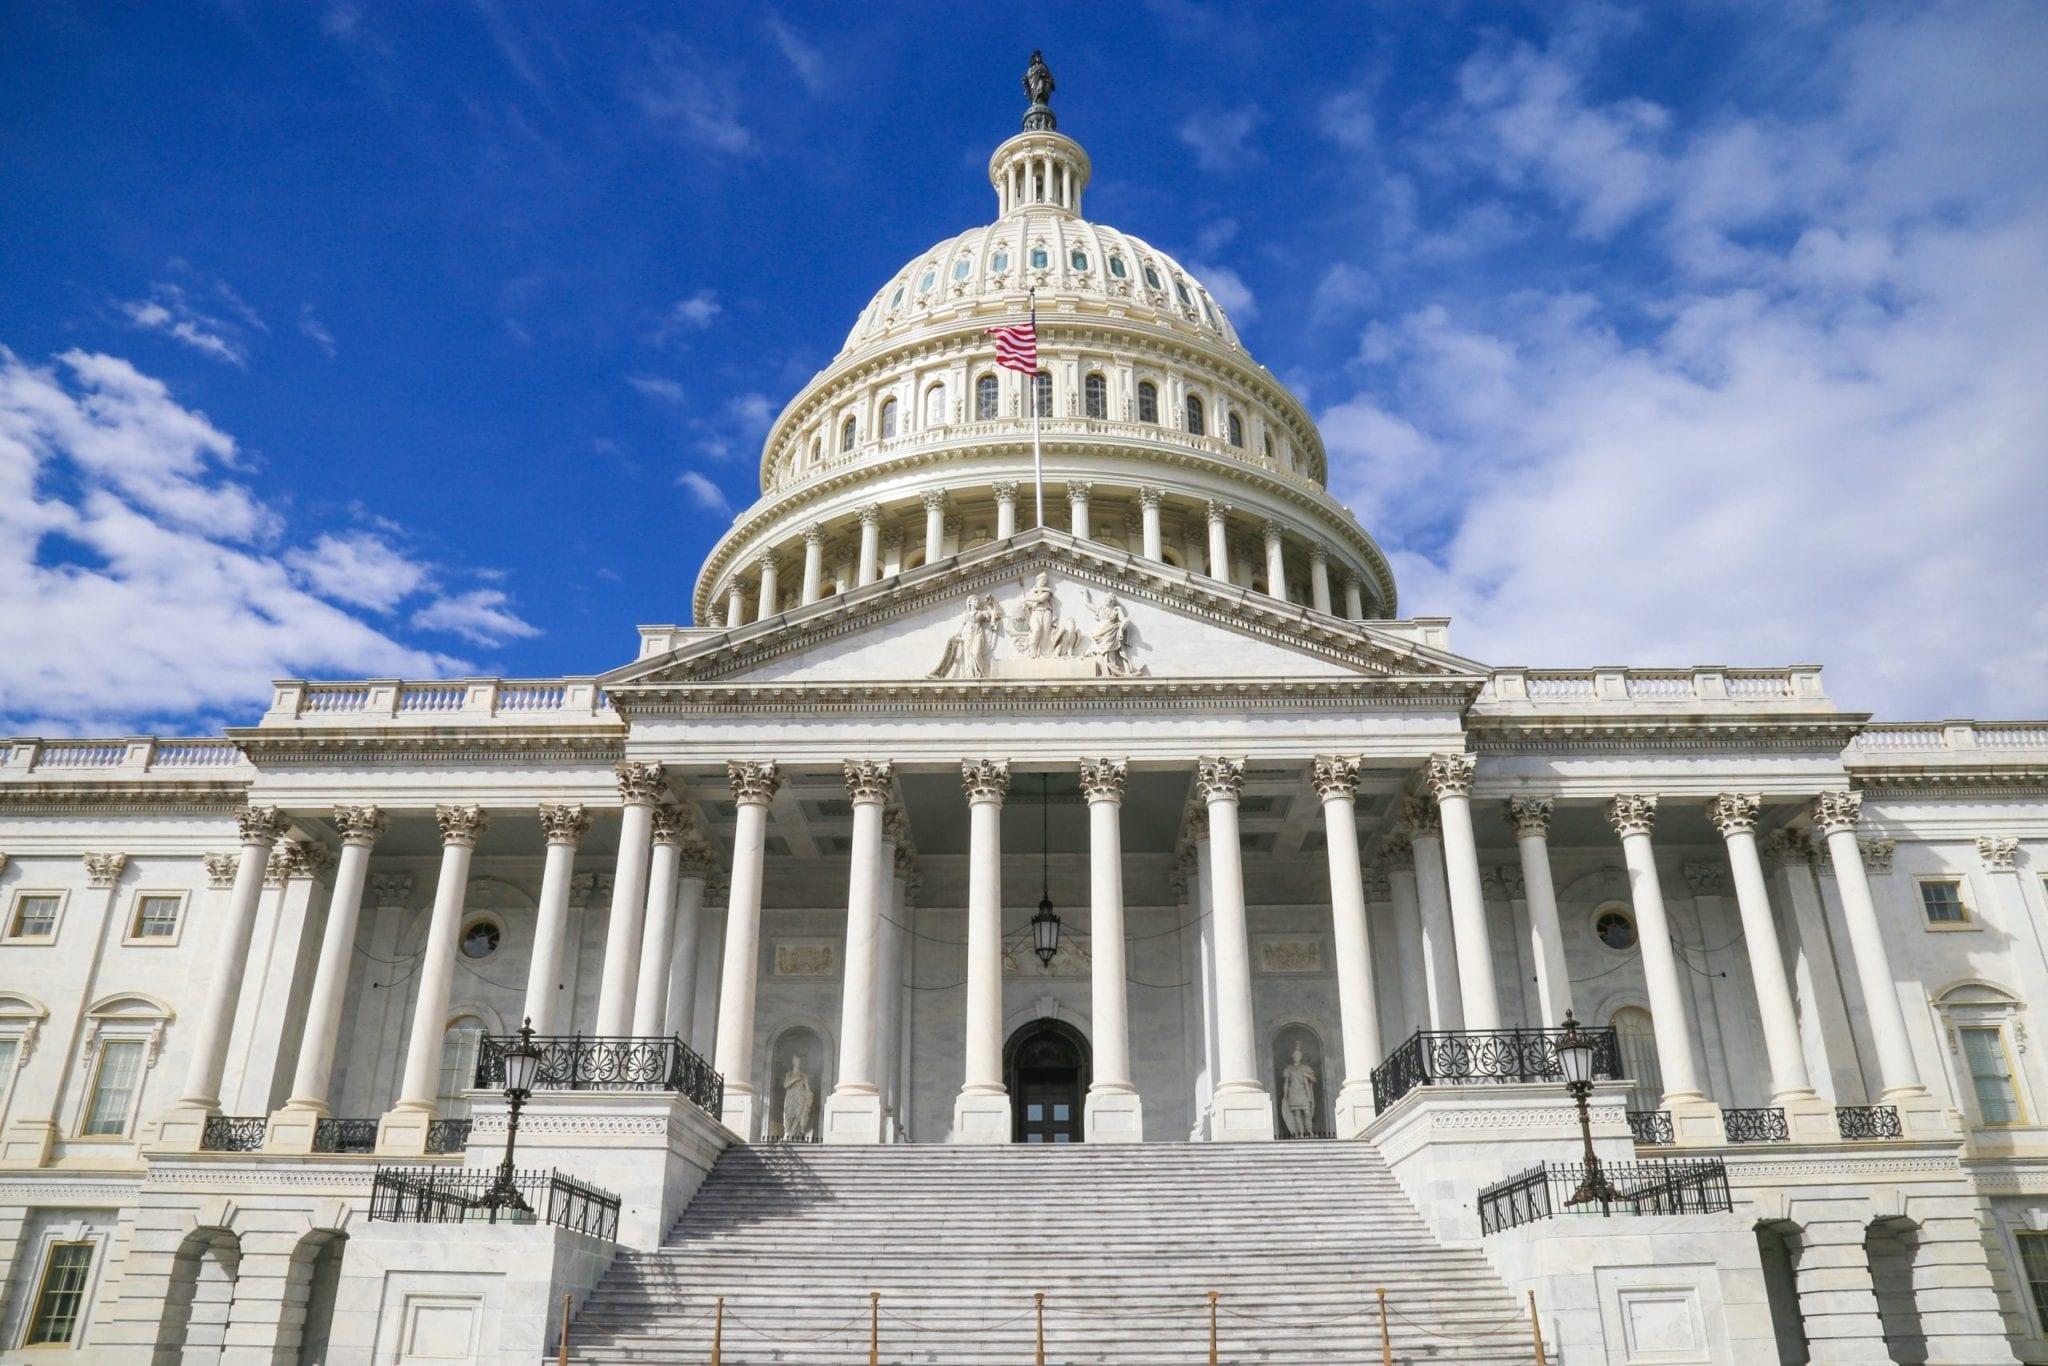 Congress-unsplash-louis-velazquez-